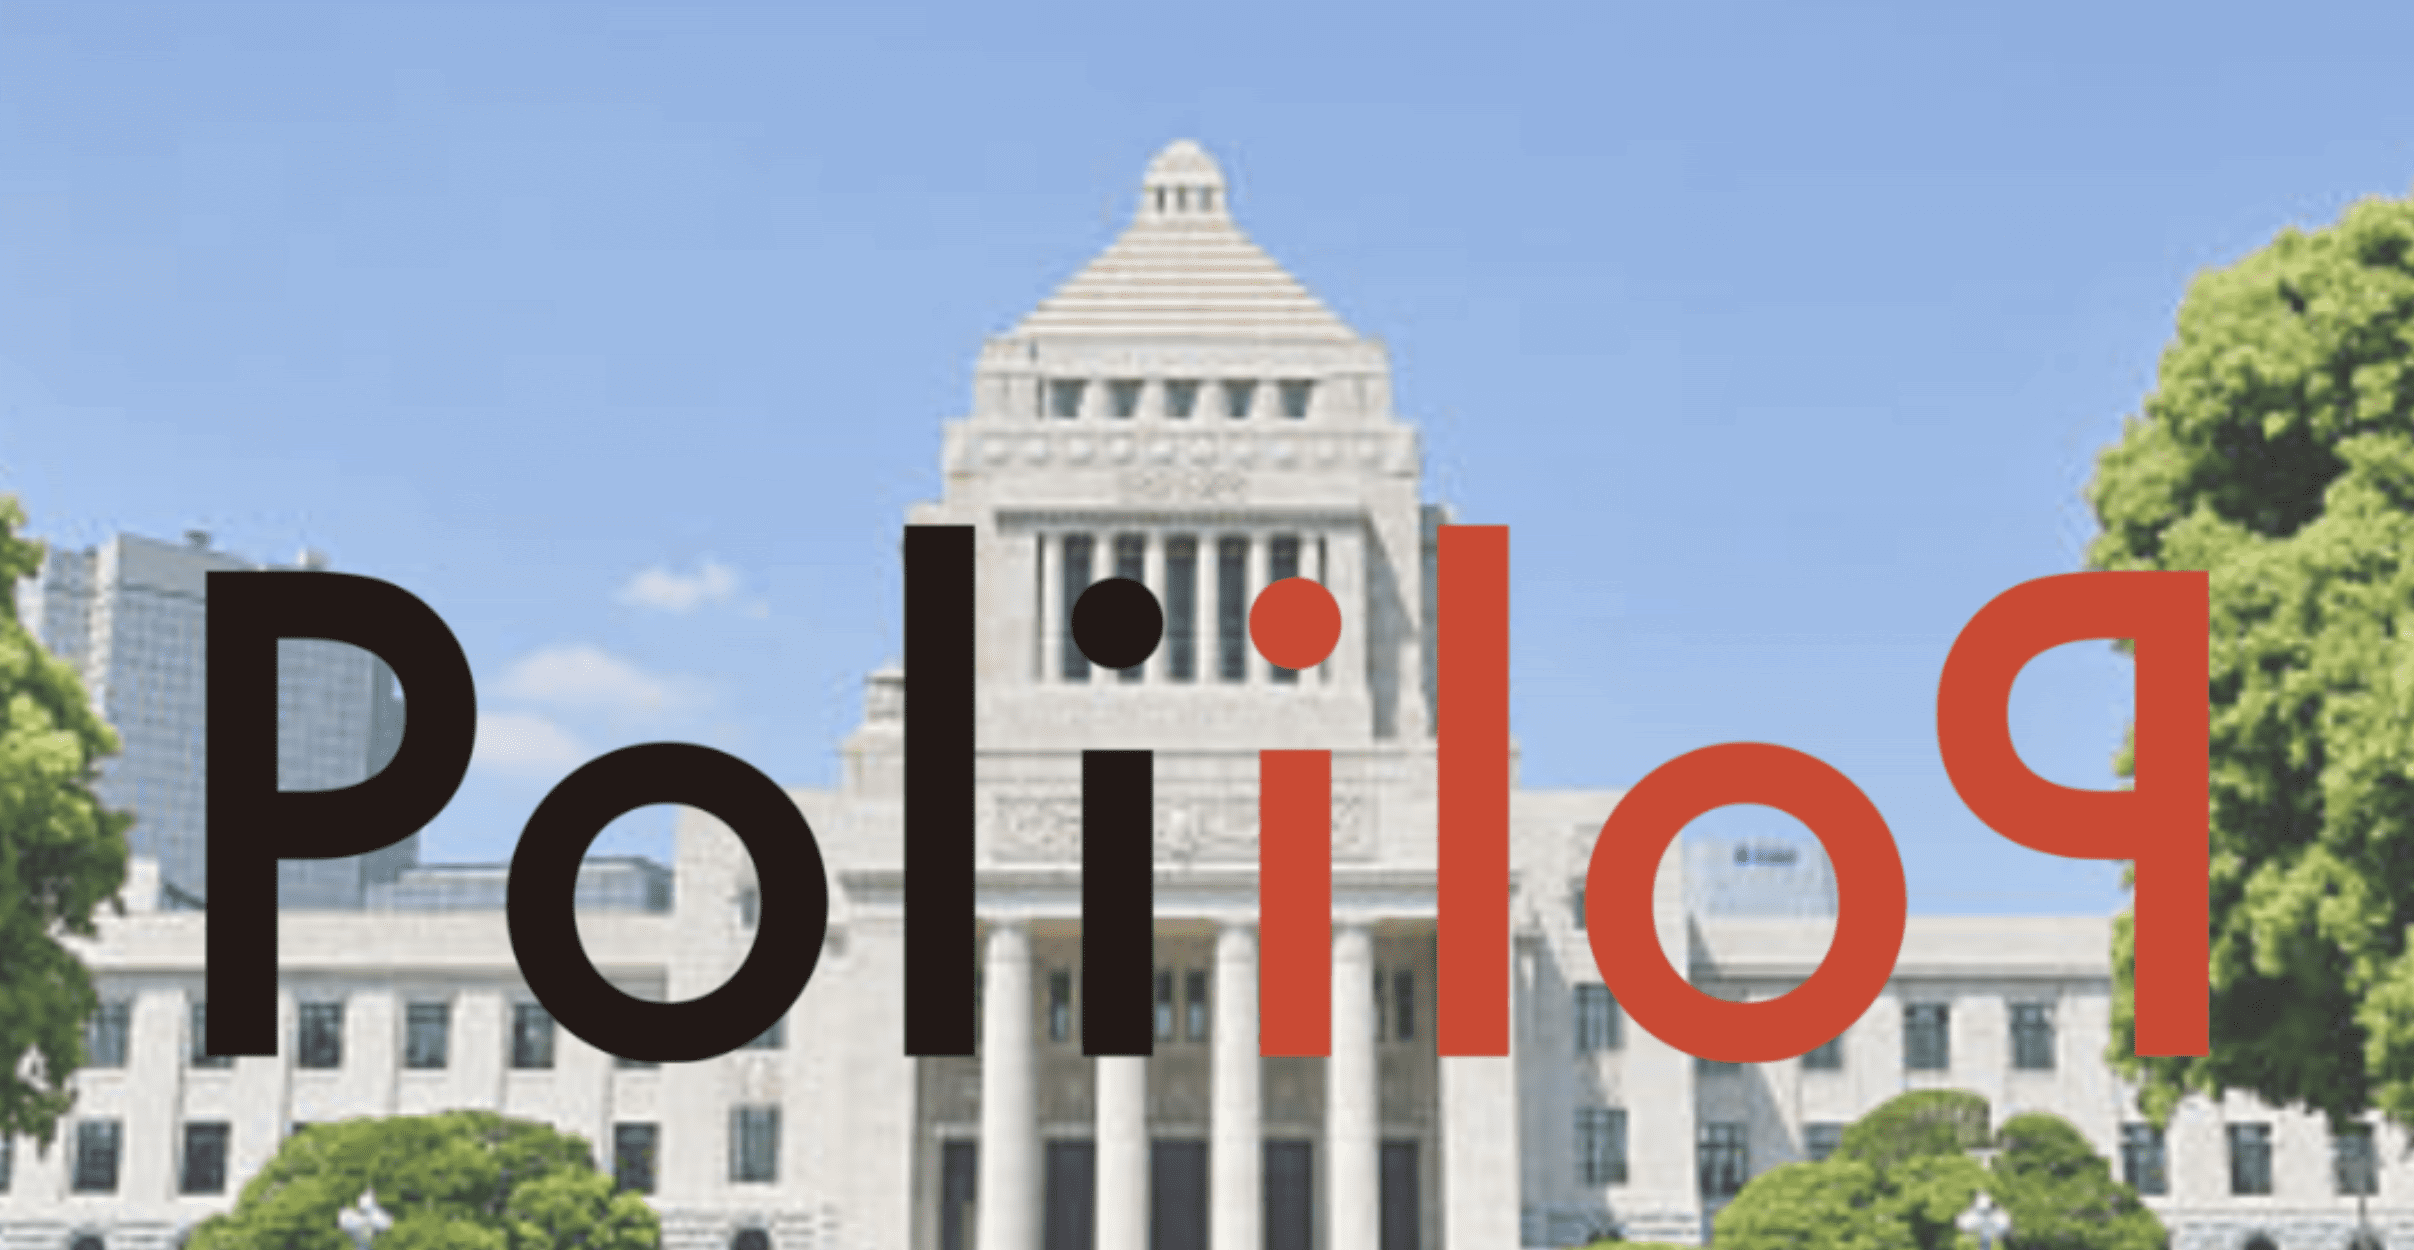 政治×ブロックチェーン!情報共有プラットフォーム「PoliPoli」で政治に参加しよう